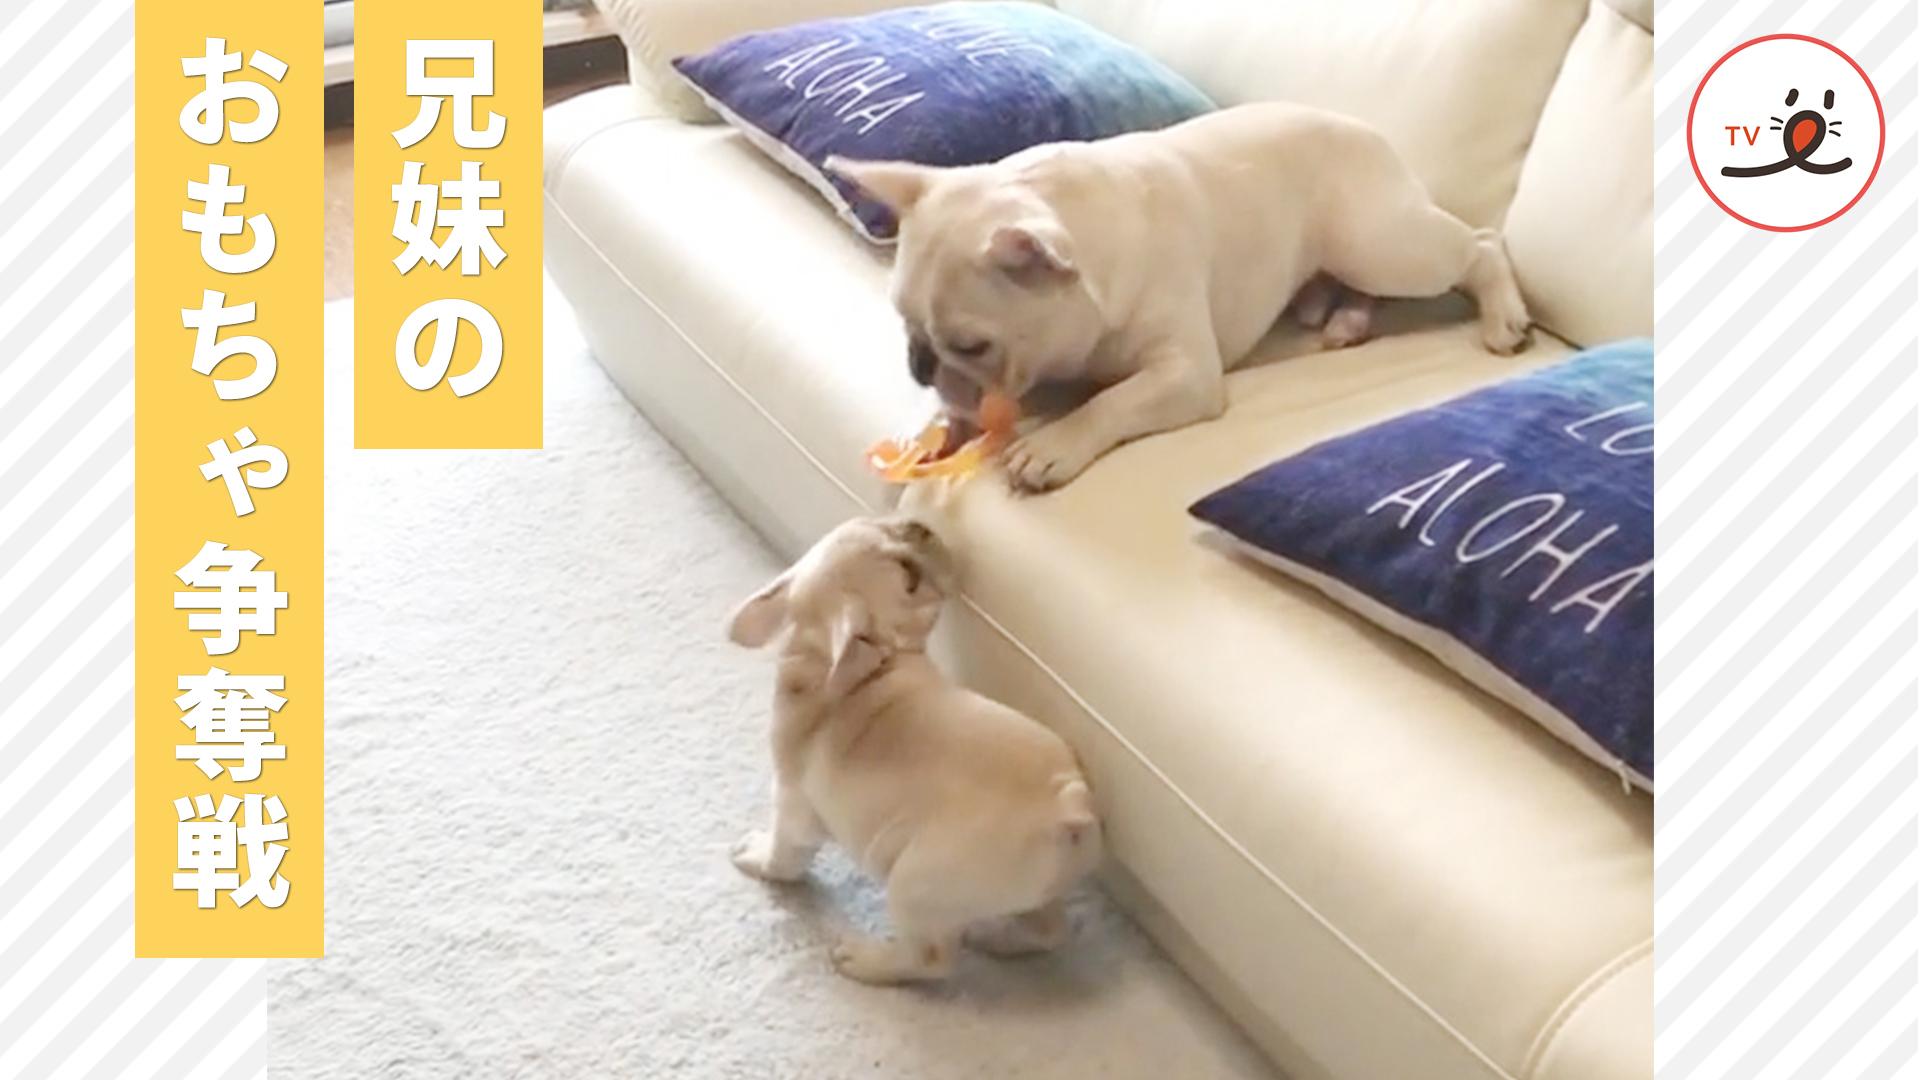 白熱の戦い💥 ドジっ子なお兄ちゃんと、小さな体で頑張る妹ちゃんのおもちゃ争奪戦😅